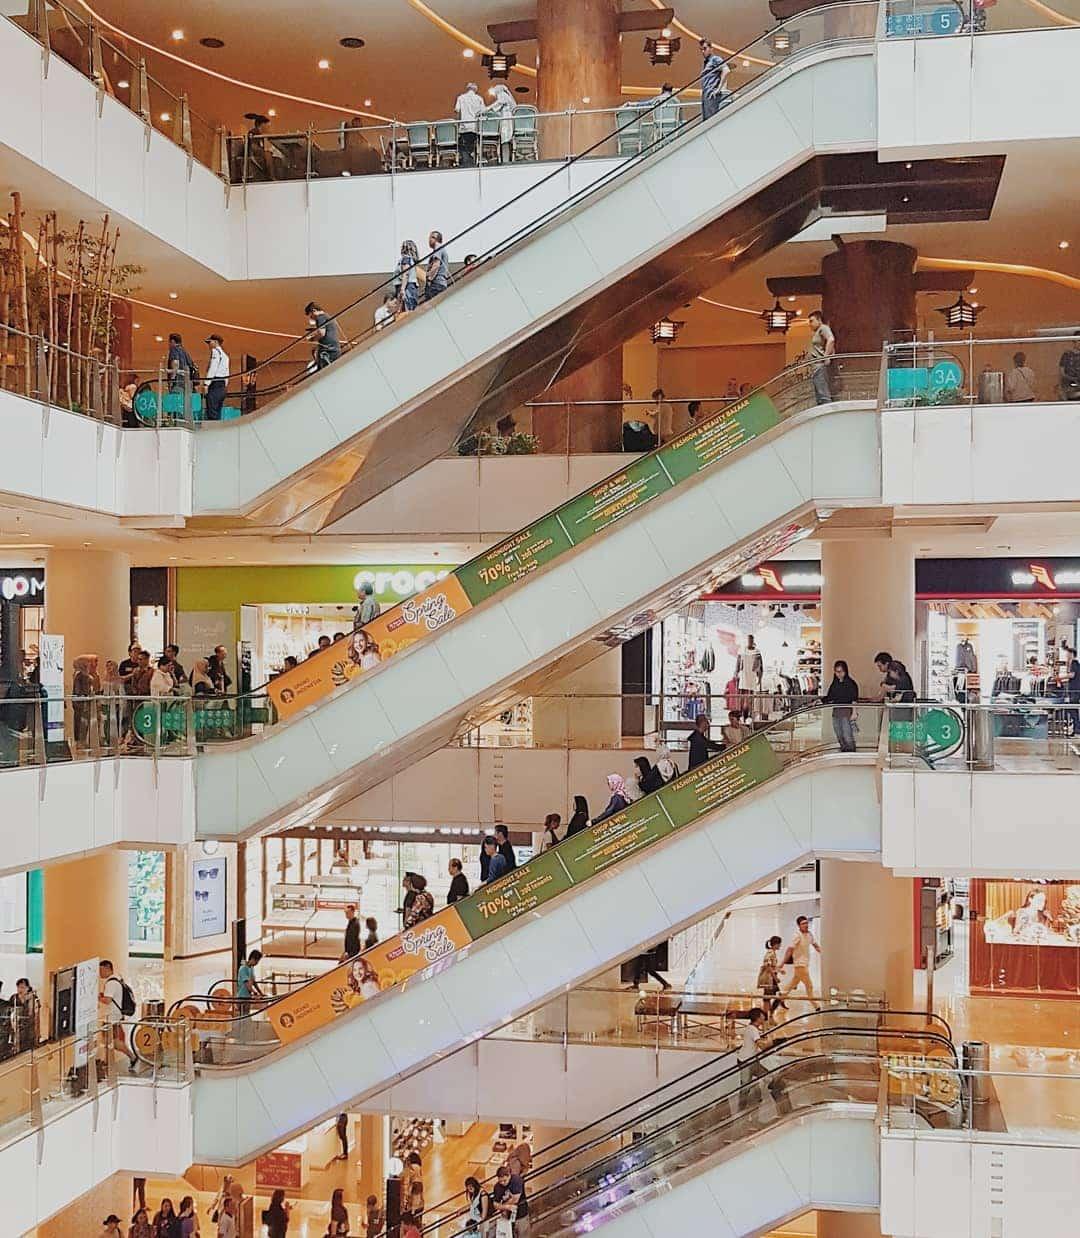 Suasana di dalam mall